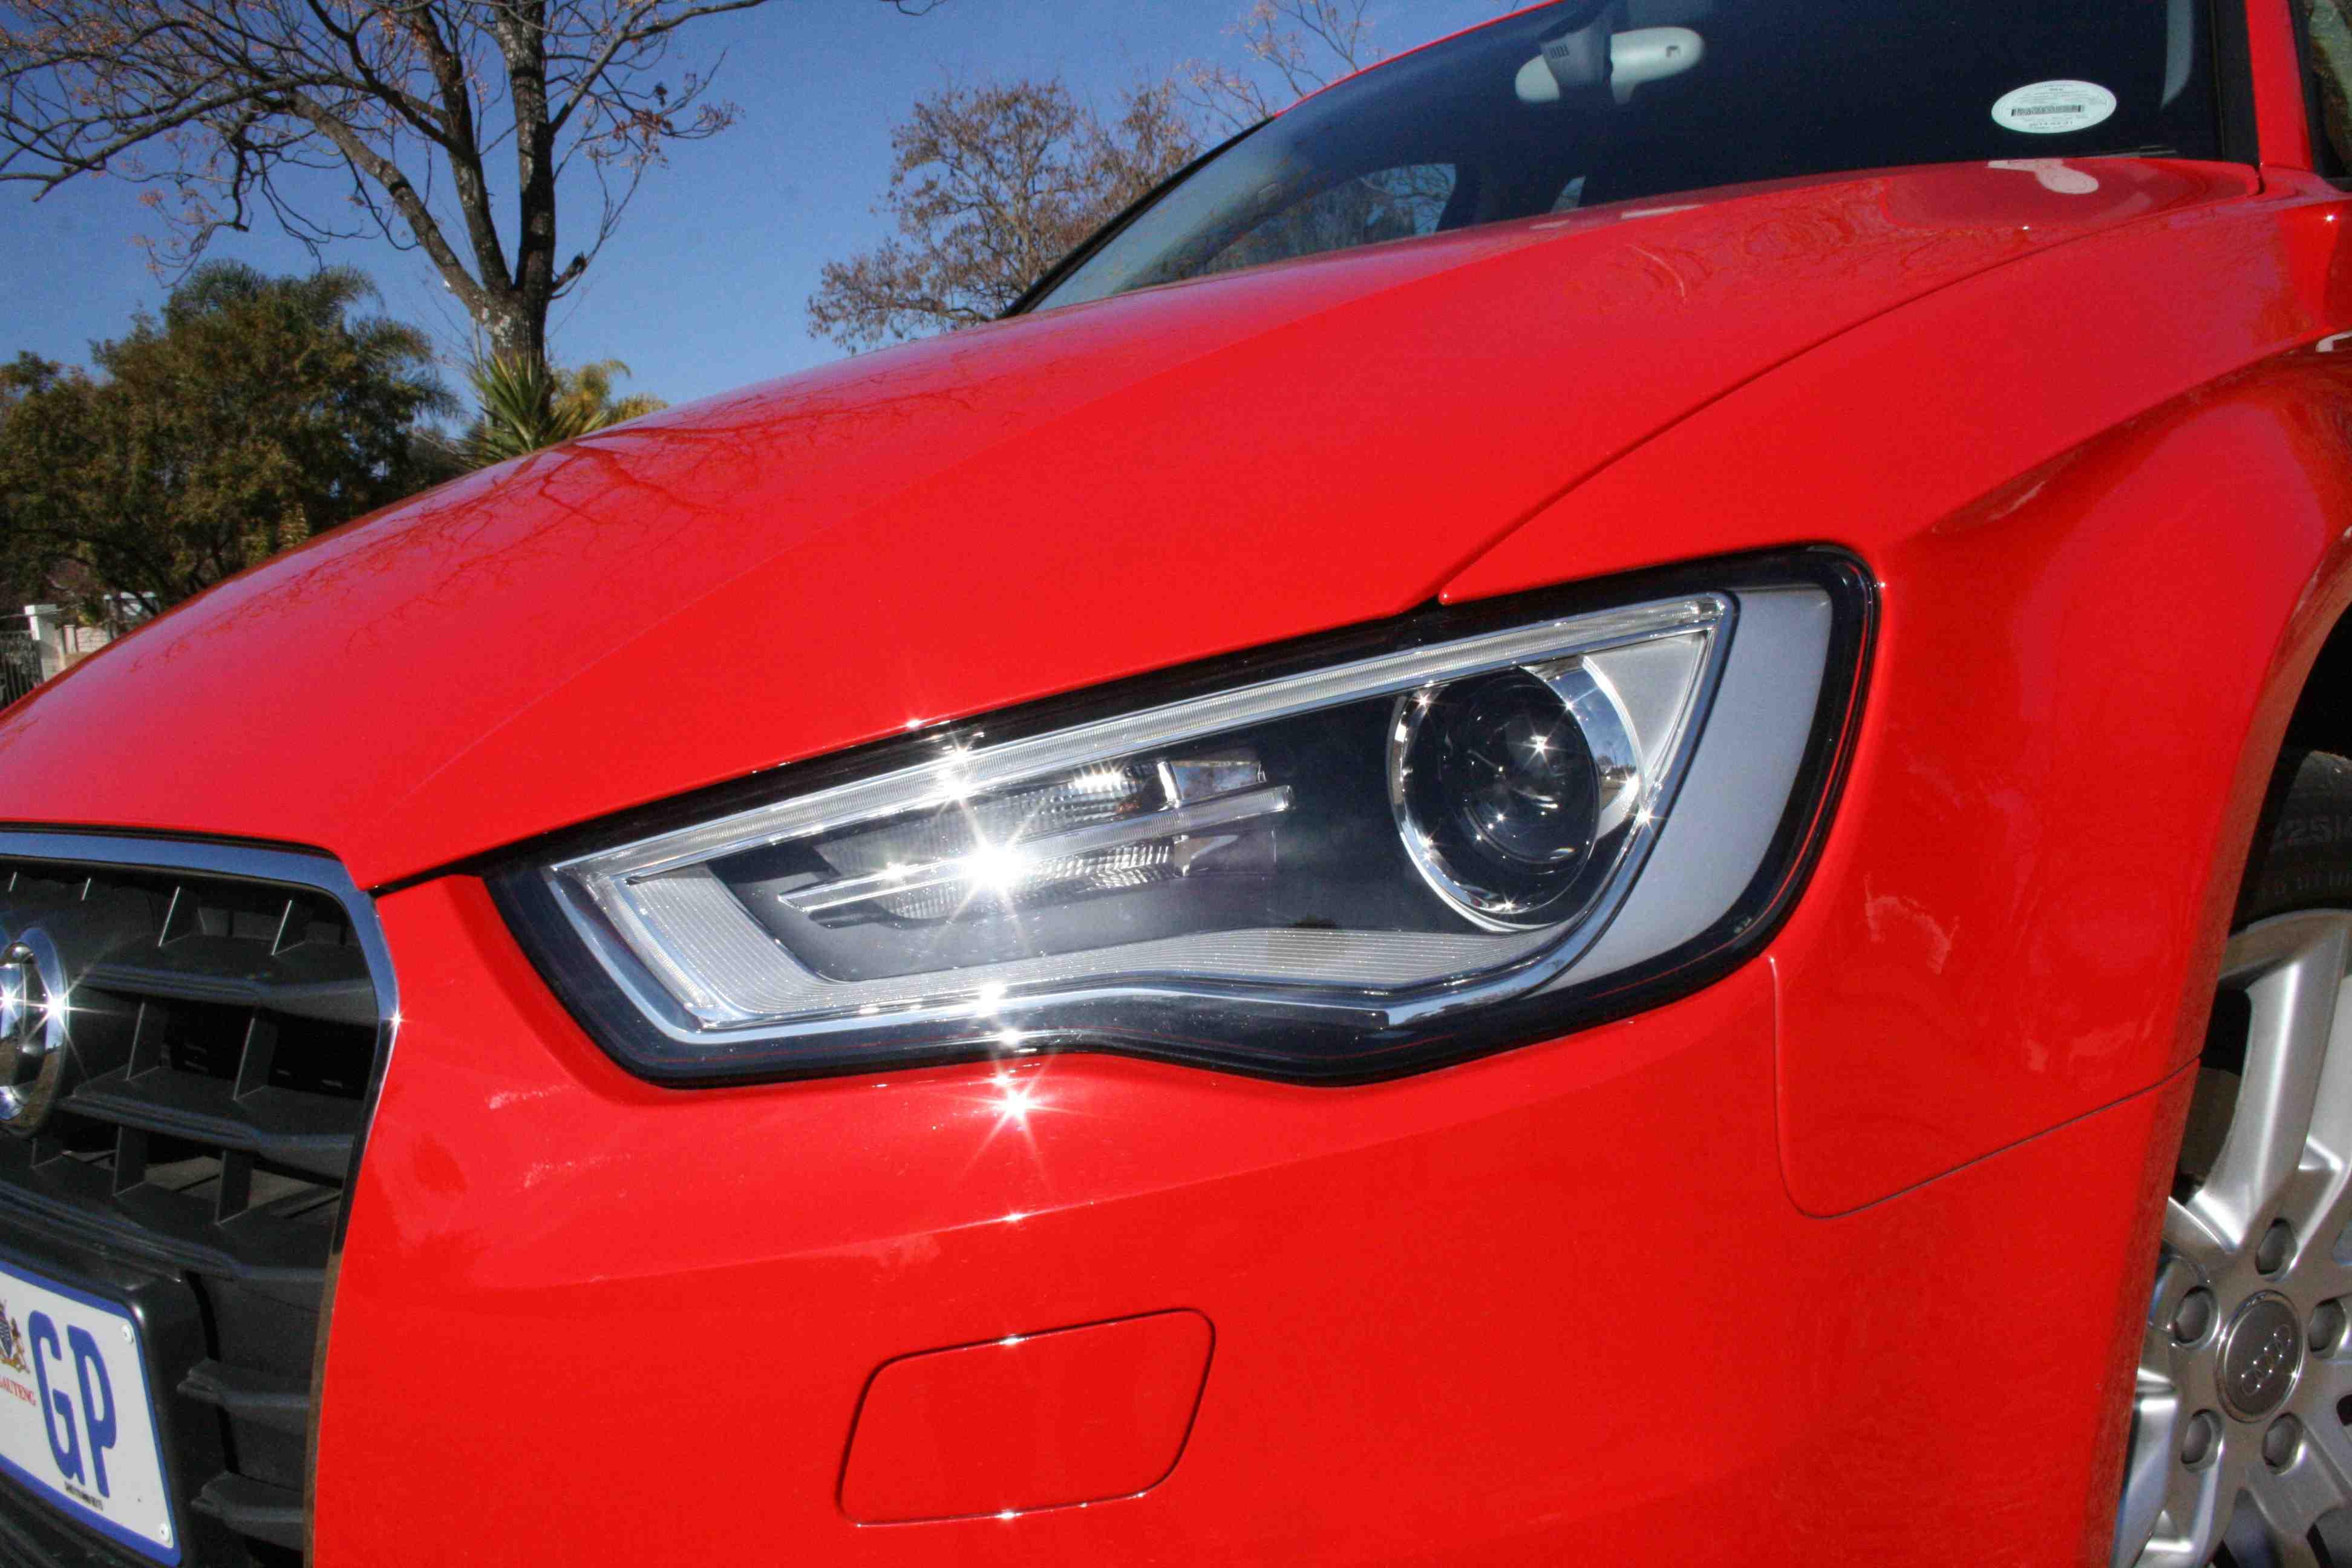 Review: 2013 Audi A3 Sportback 1.6TDI